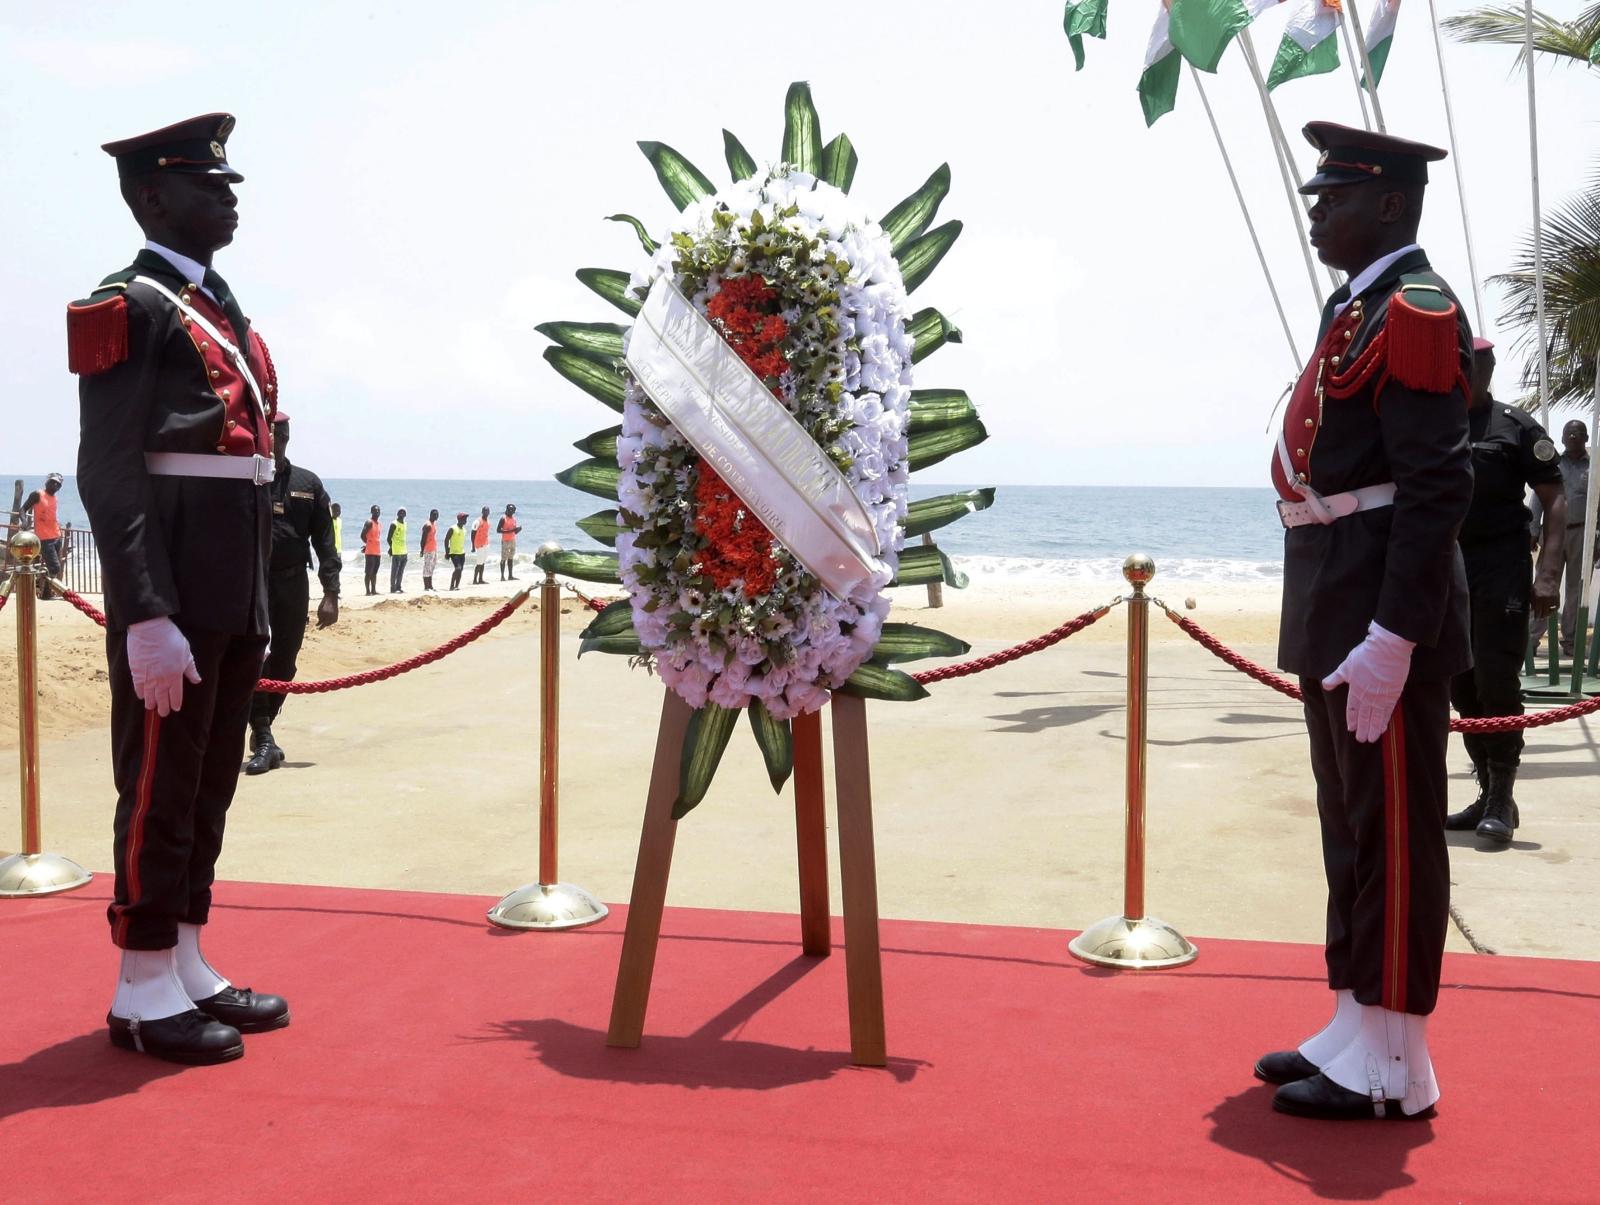 Upamiętnienie ofiar ataku terrorystycznego na Grand Bassam w 2016r. na Wybrzeżu Kości Słoniowej. Fot. PAP/EPA/LEGNAN KOULA